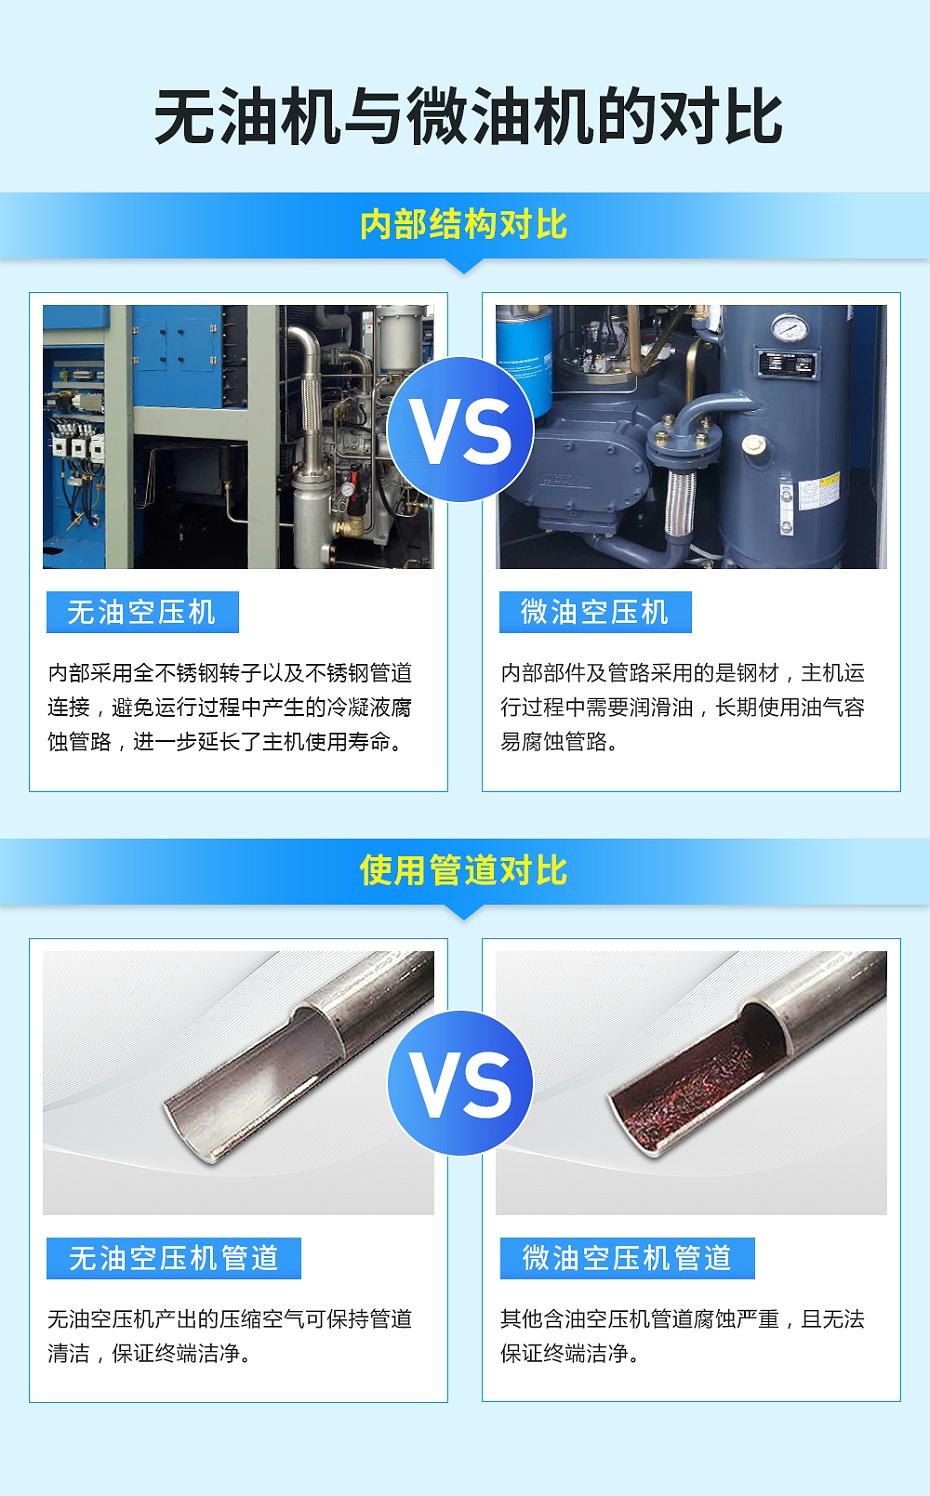 无油机与微油机的对比图